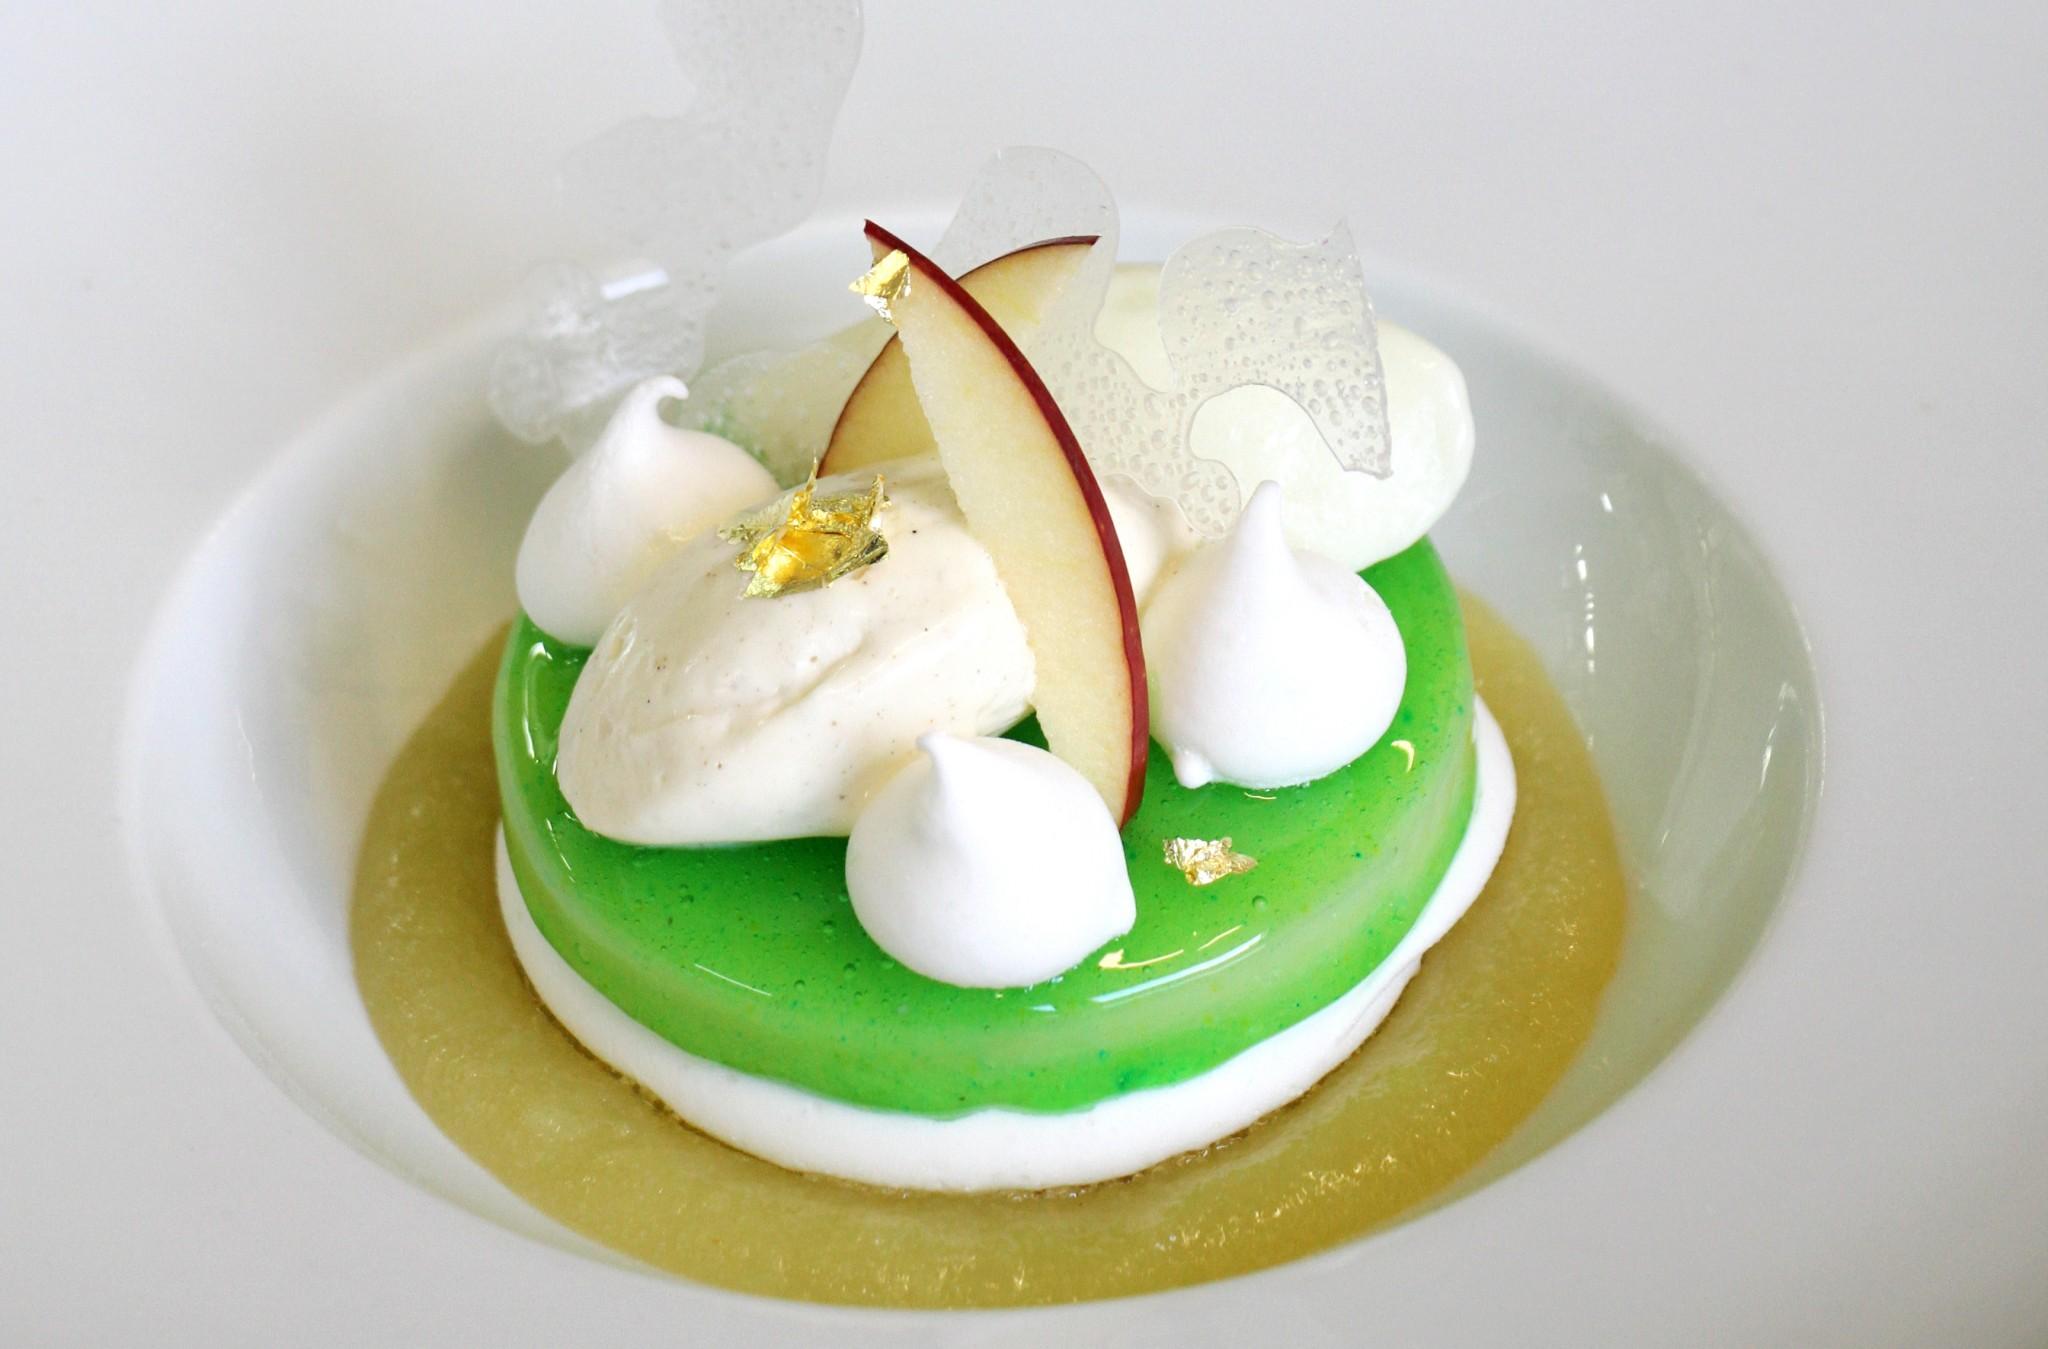 Recette du dessert à la pomme verte